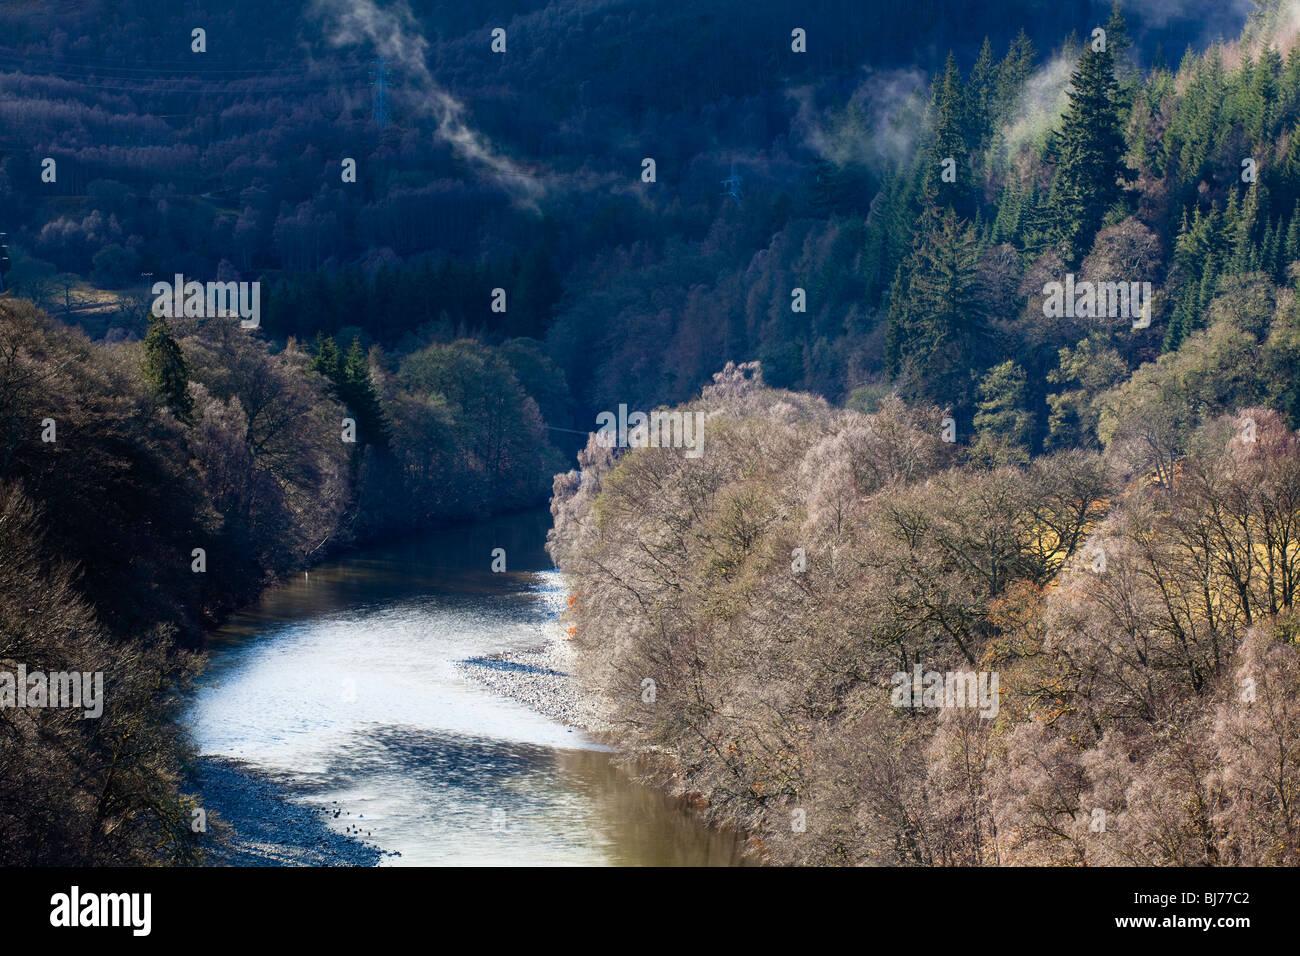 L'Écosse, les Highlands écossais, Killiecrankie. La rivière Garry et forêt environnante, près du col de Killiecrankie. Banque D'Images